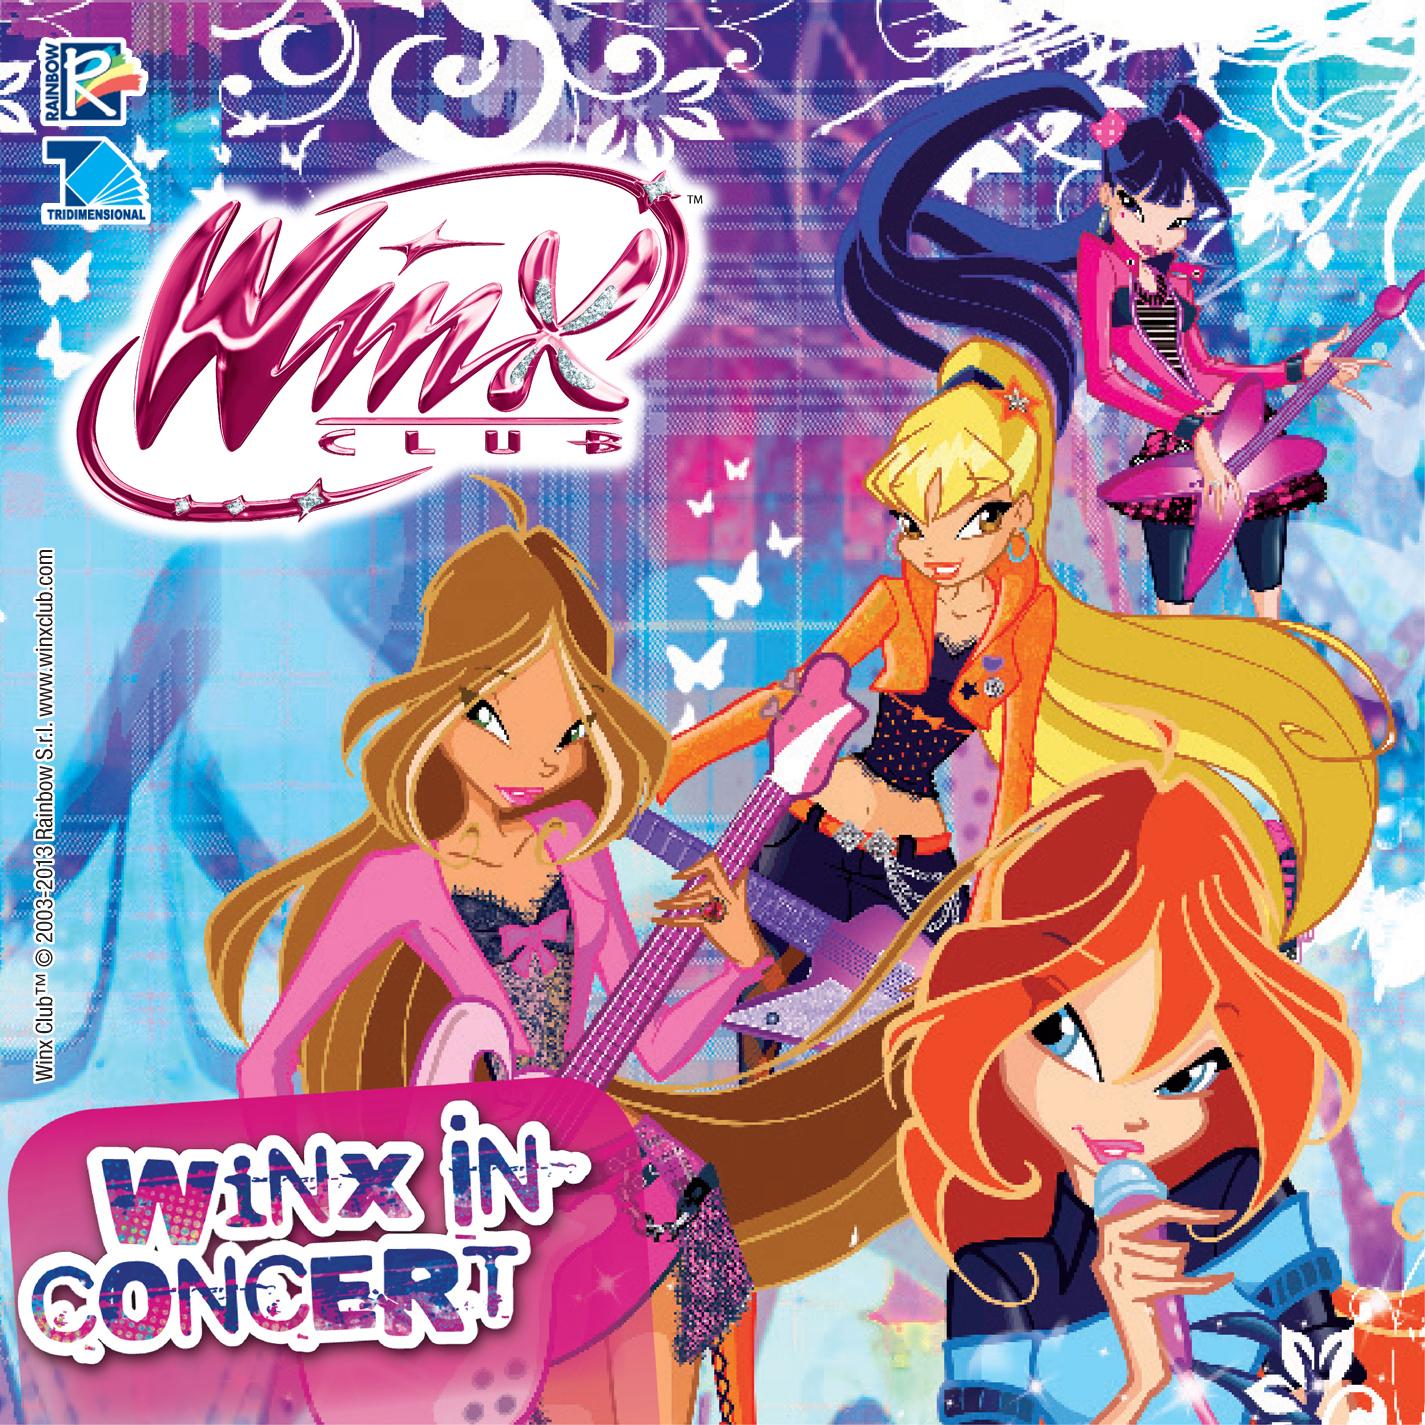 Winx in Concert